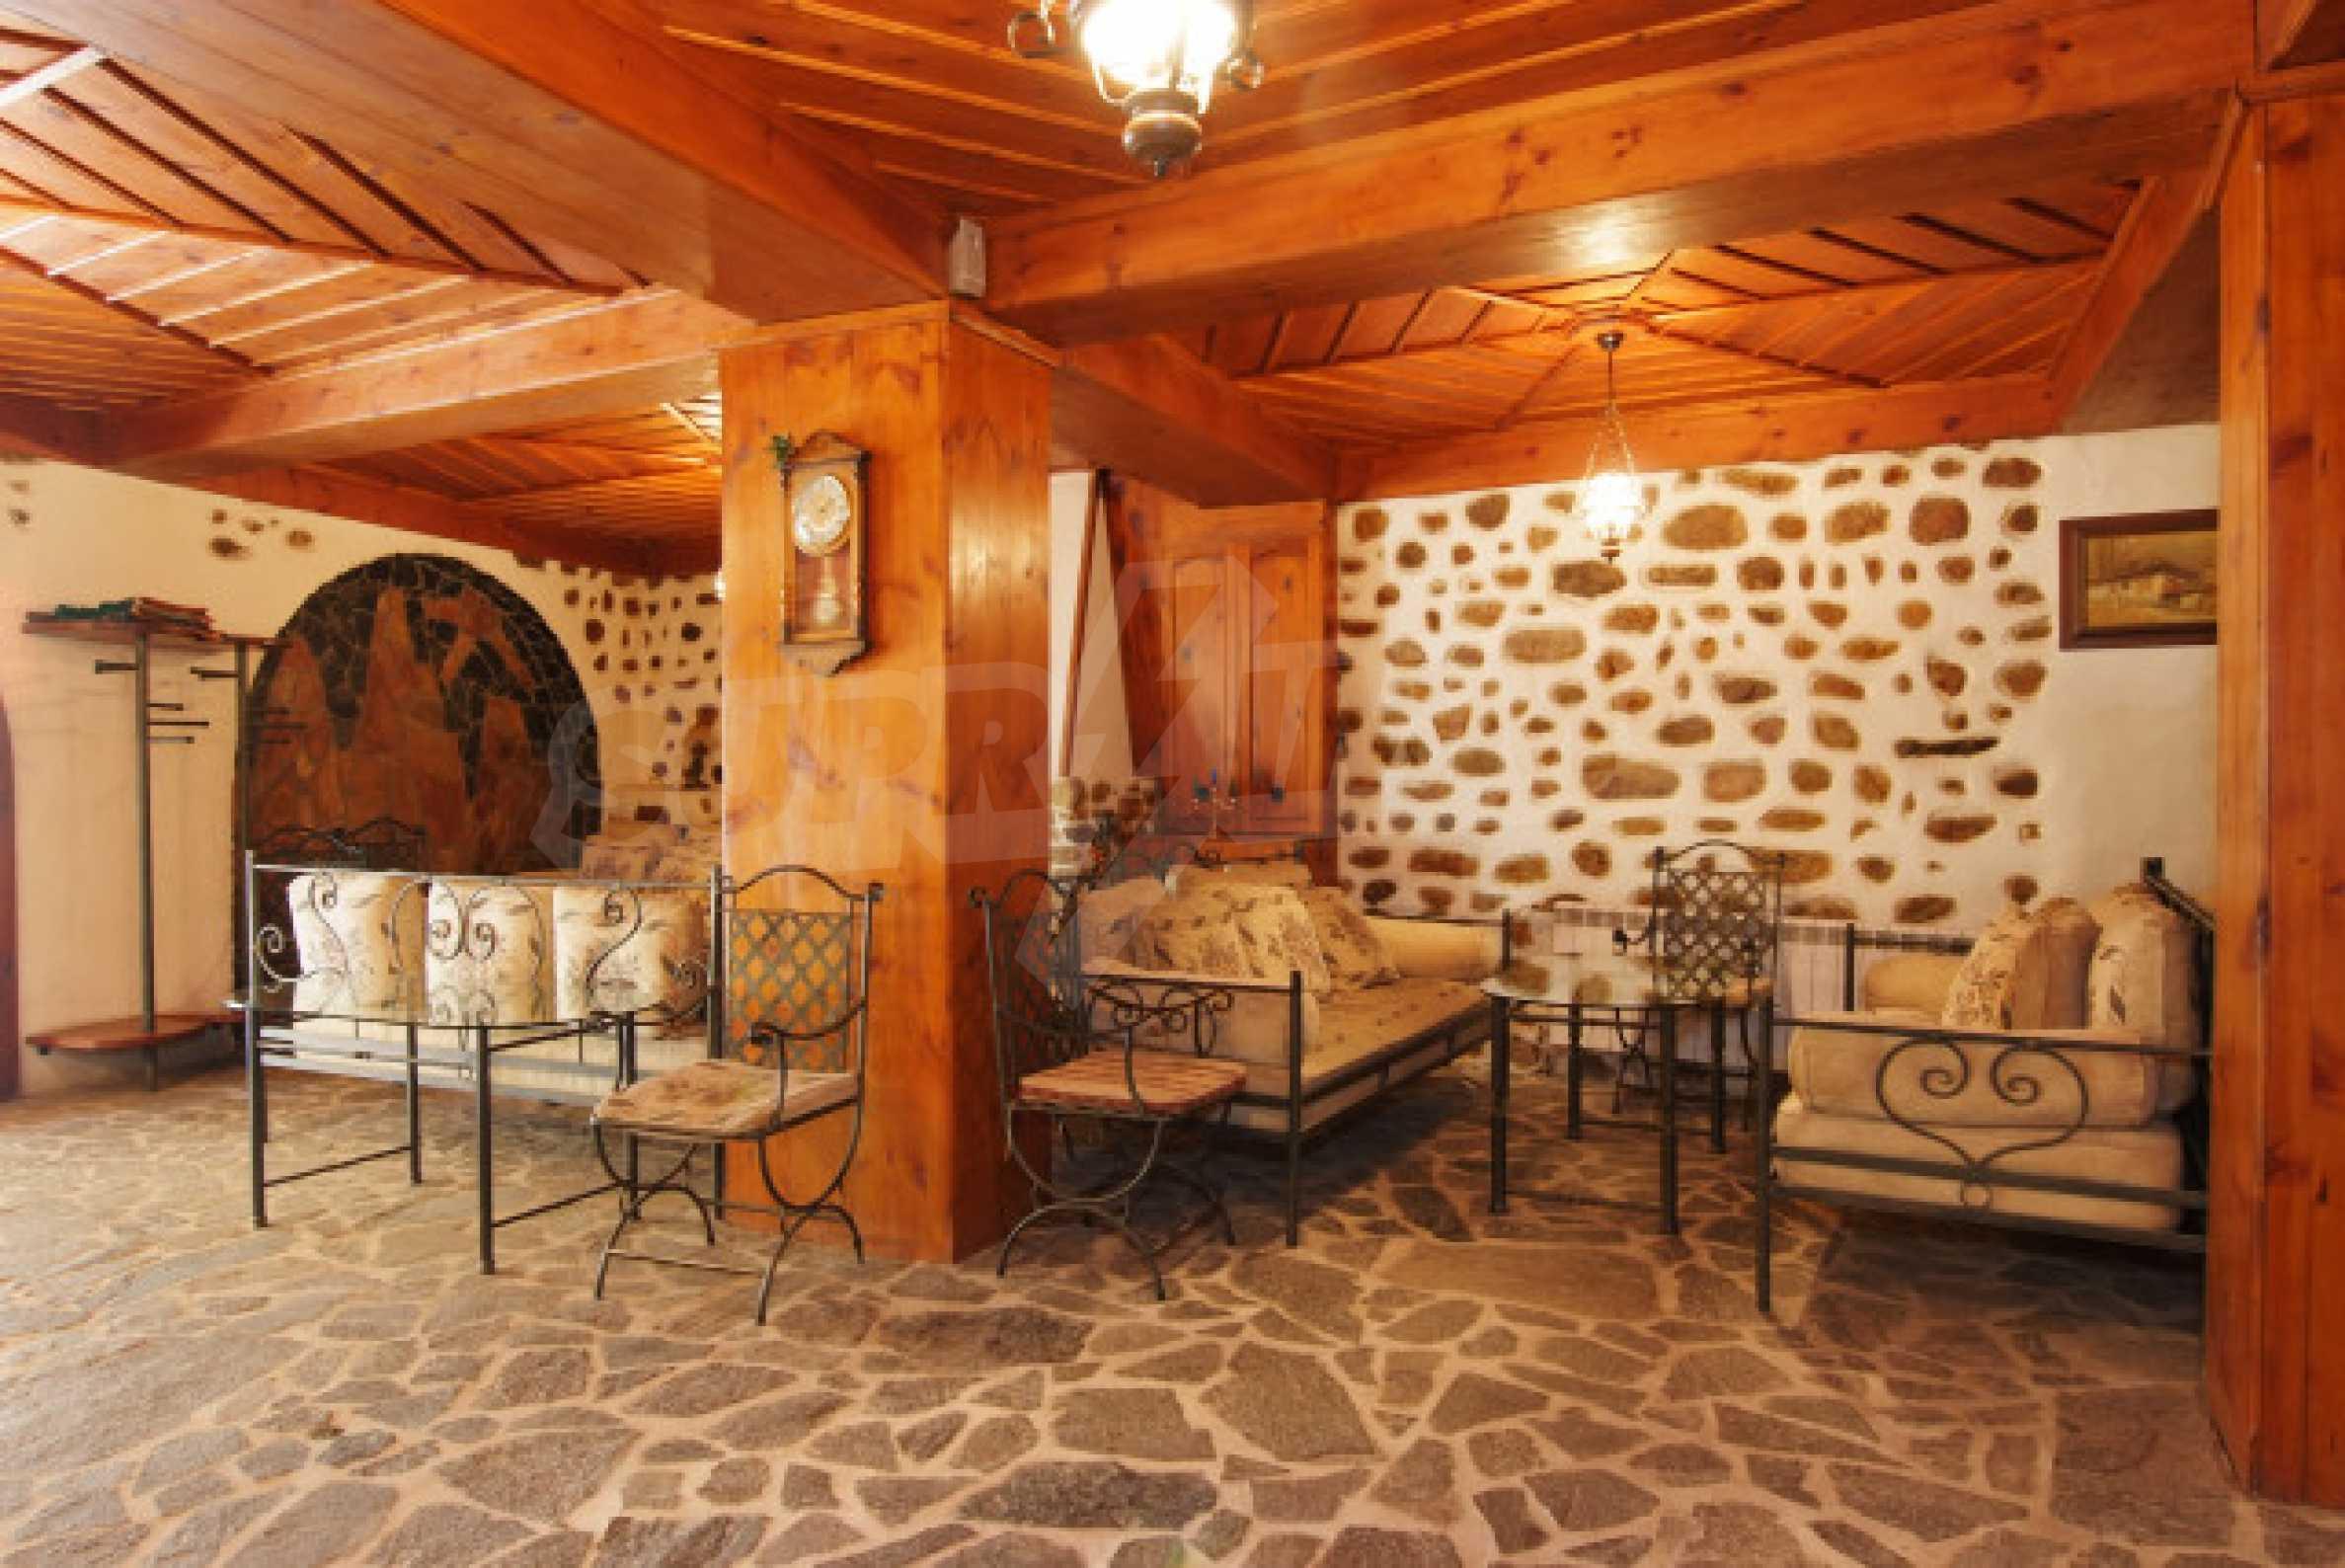 Гостиница, Отель в г. Мелник 7